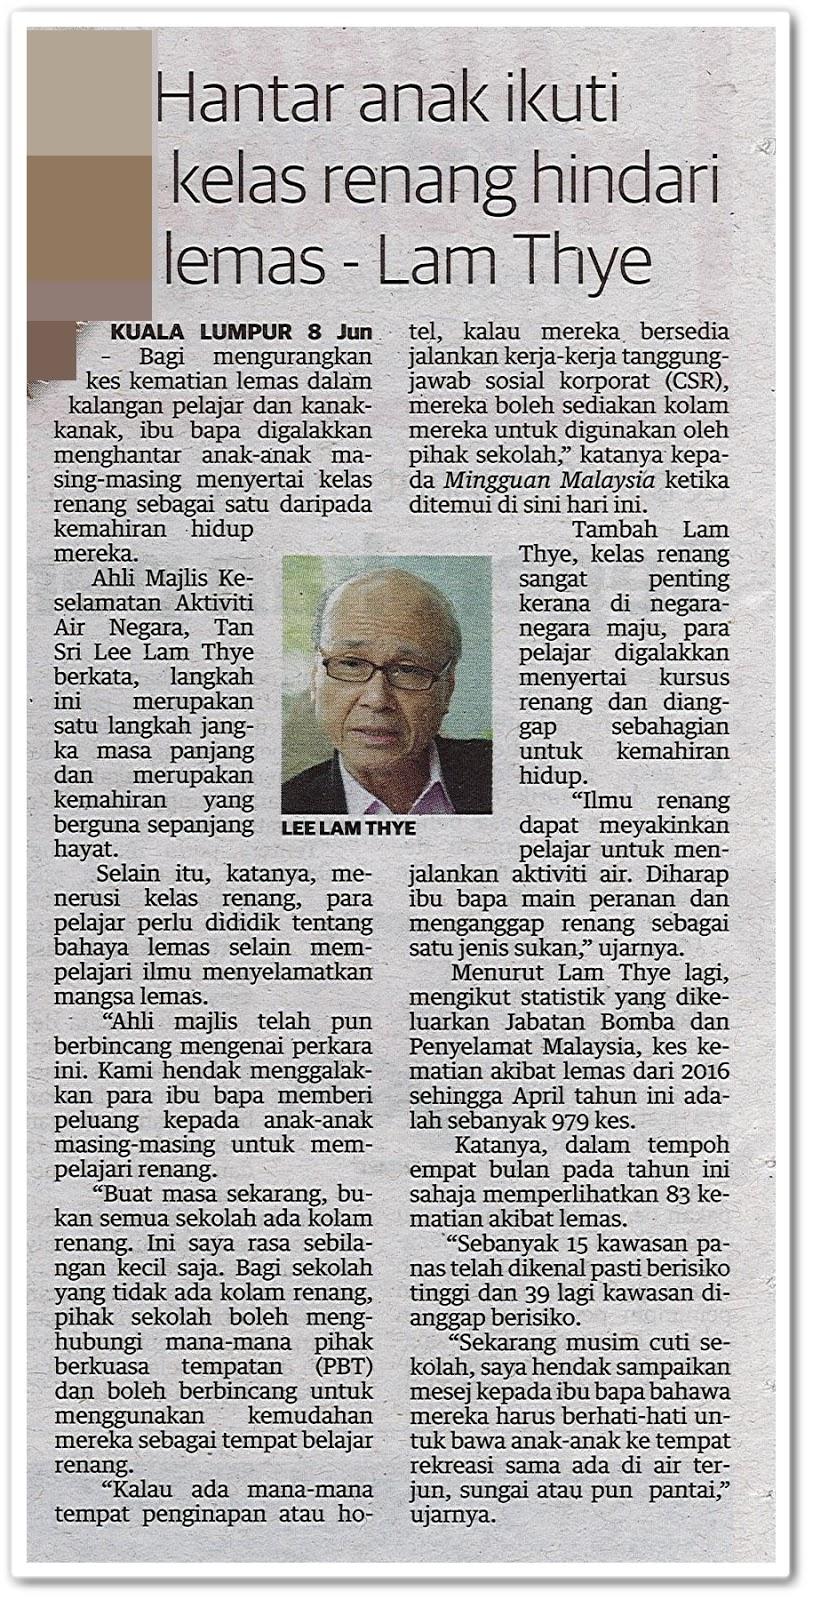 Hantar anak ikuti kelas renang hindari lemas ; Lam Thye - Keratan akhbar Utusan Malaysia 9 Jun 2019